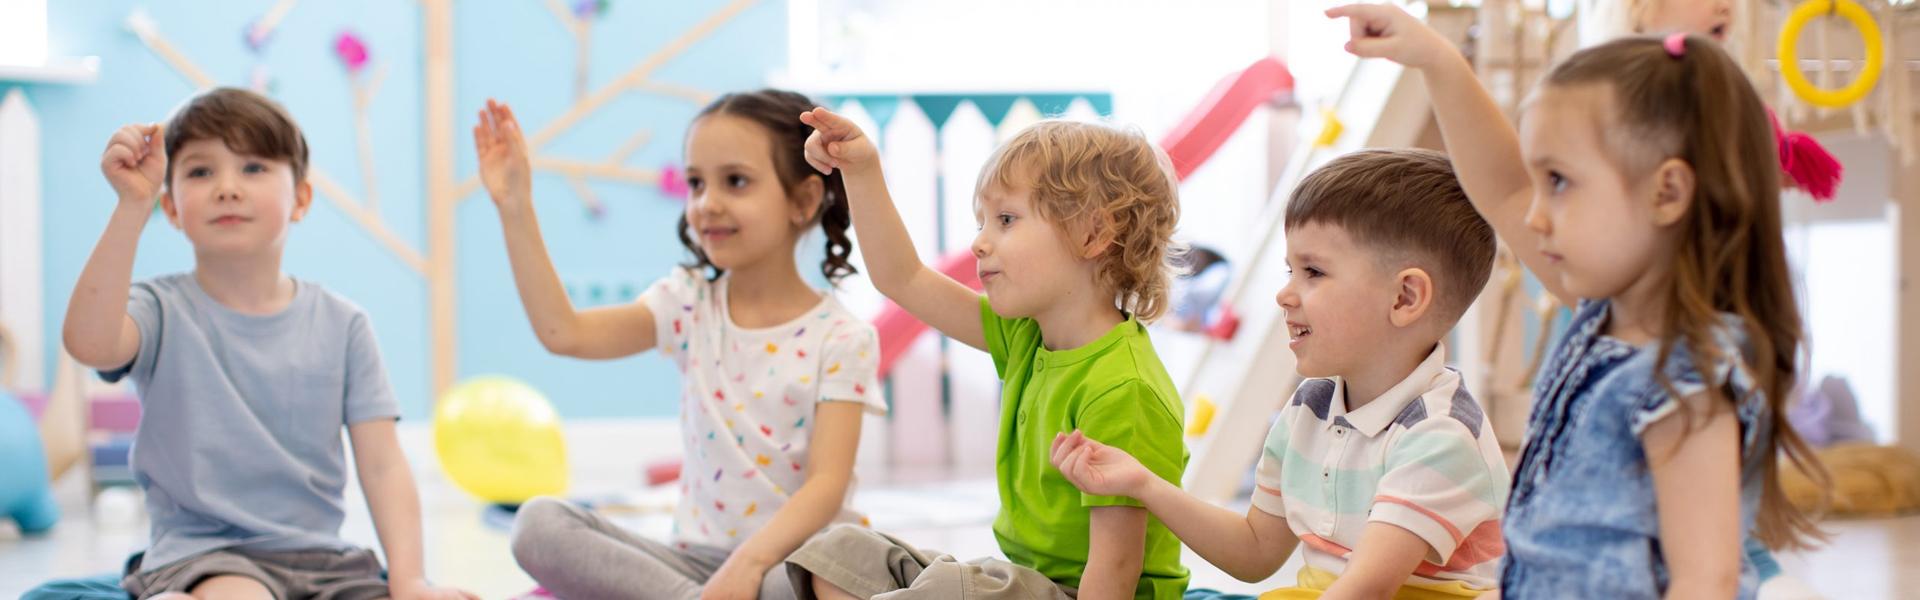 Practical Life Activities for Preschoolers